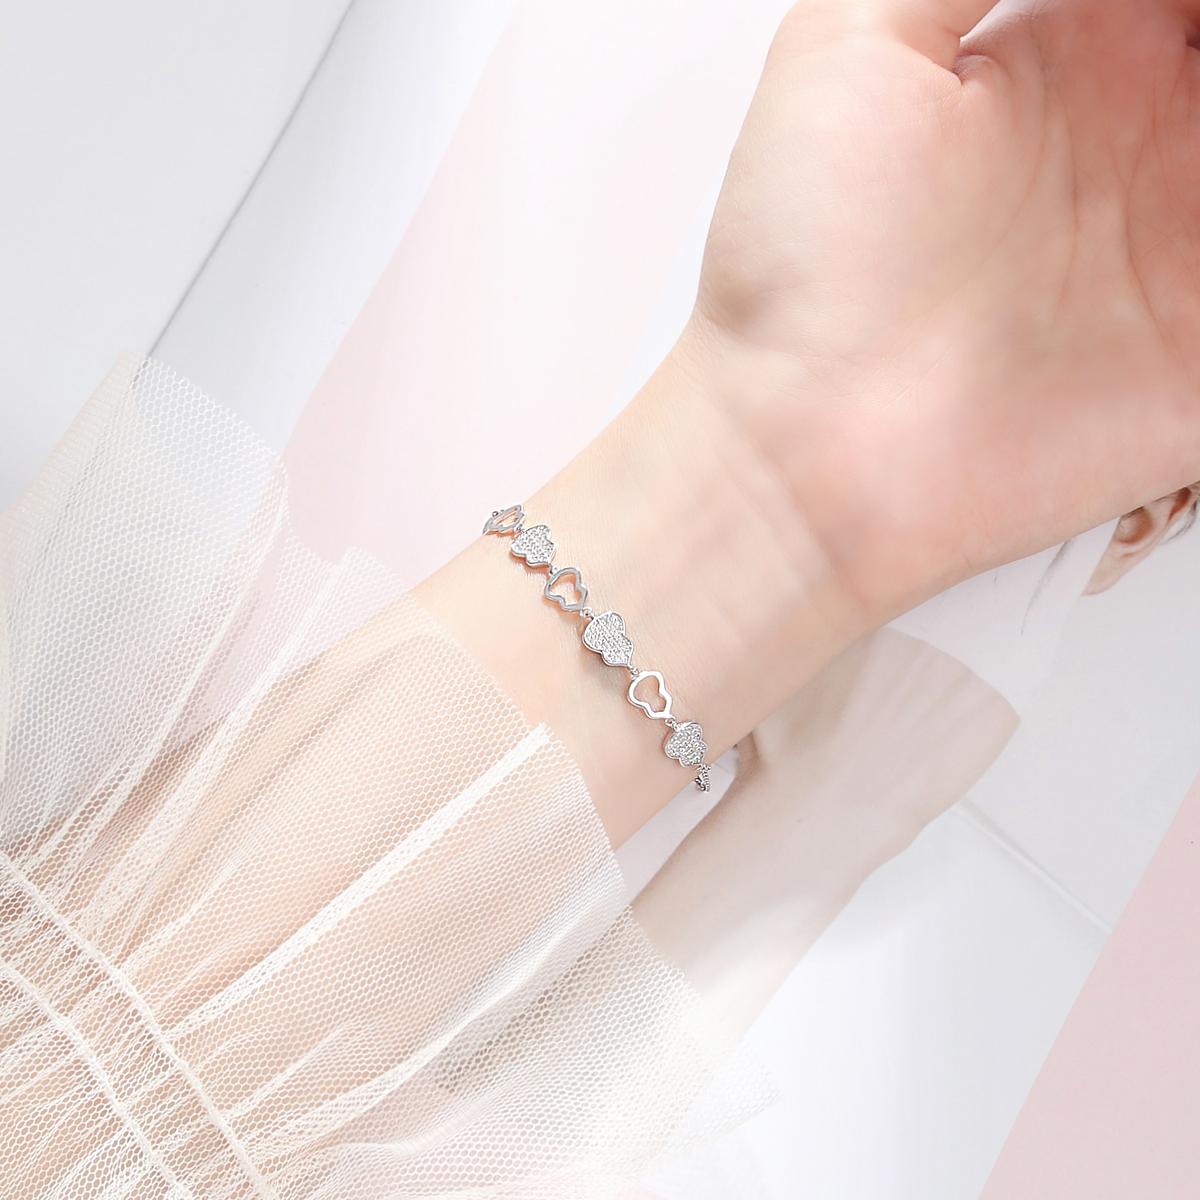 手链ins小众设计葫芦手镯女纯银韩版简约个性气质网红轻奢学生925限100000张券